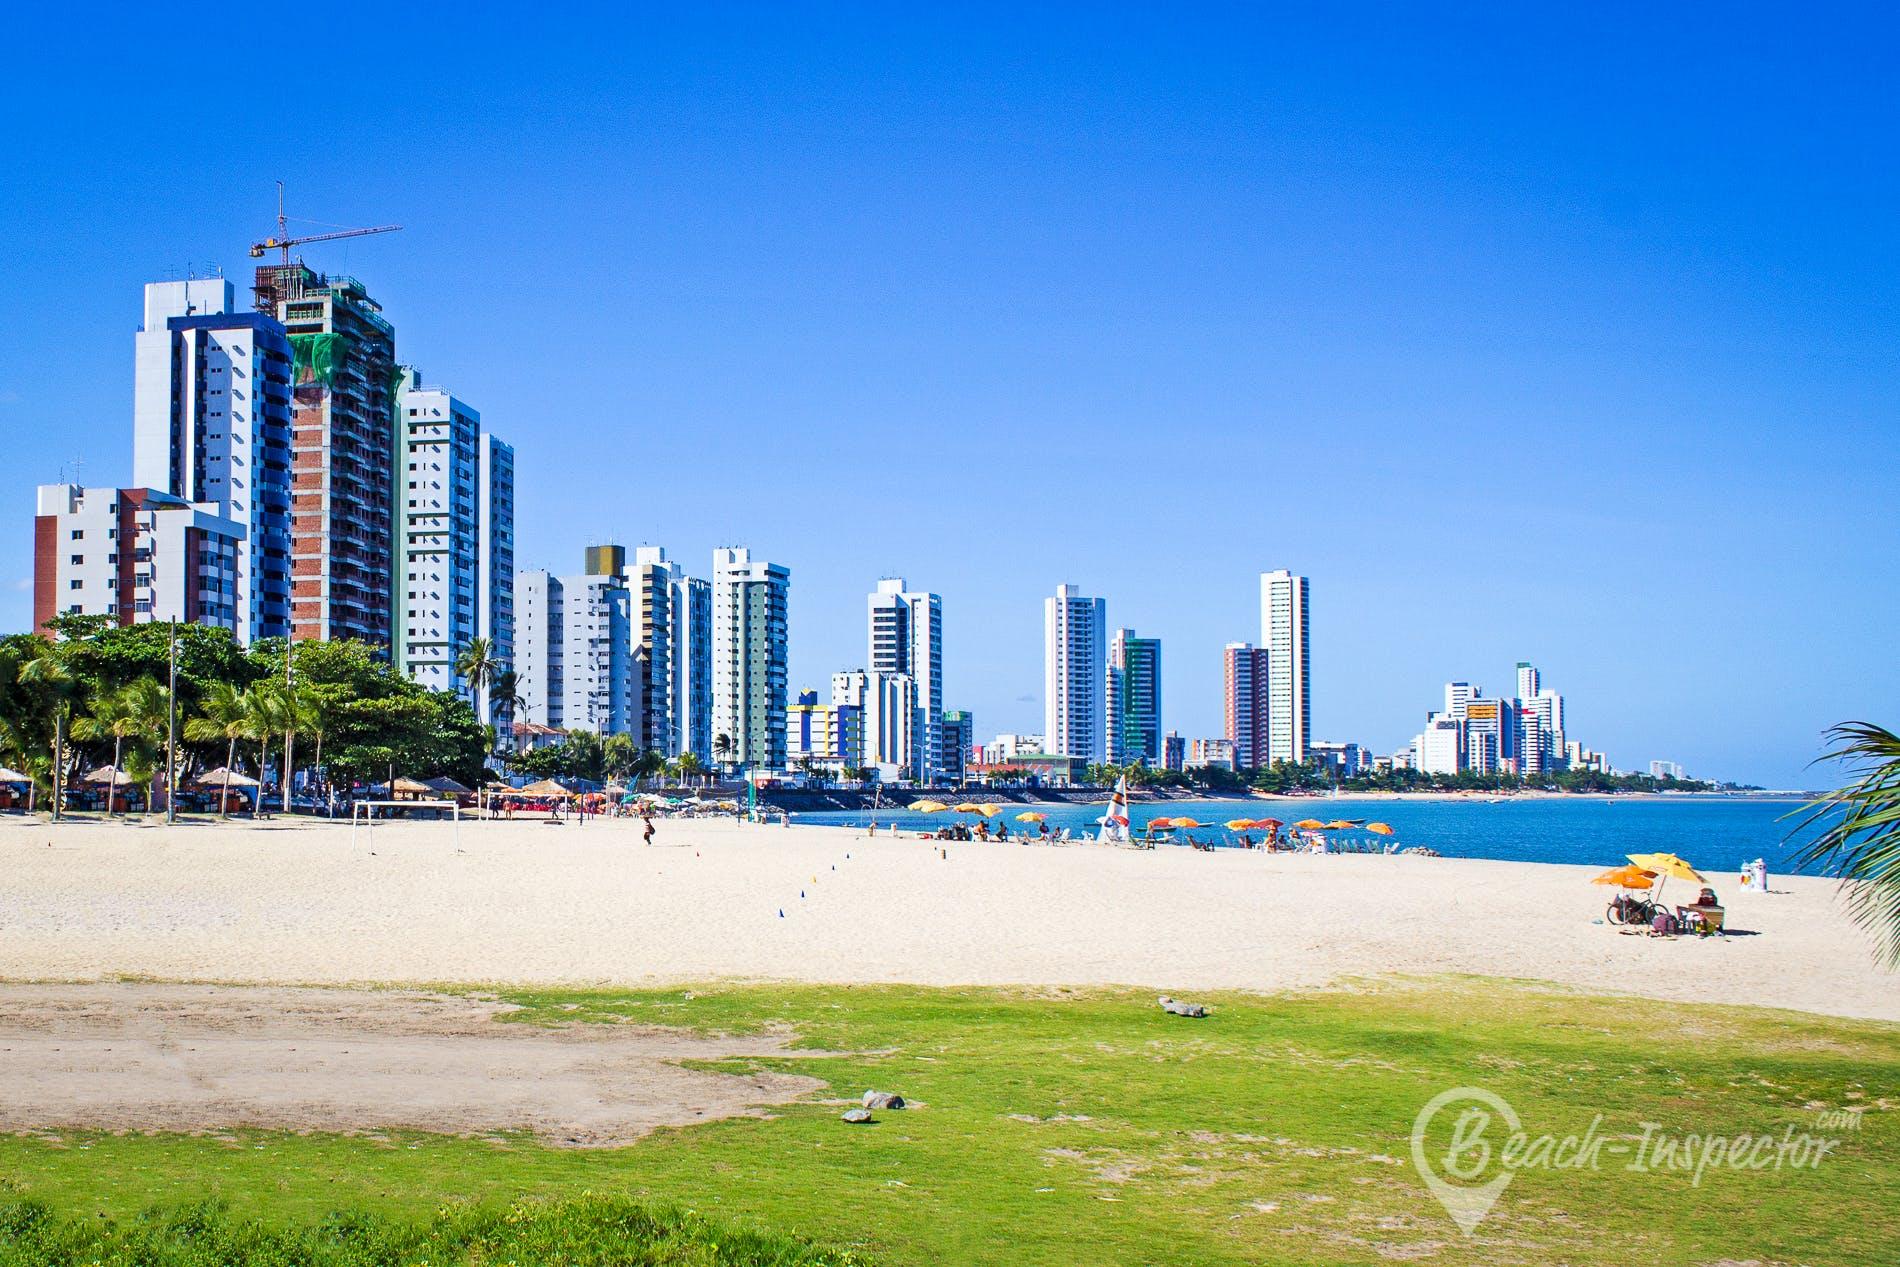 Beach Praia do Bairro Novo, Pernambuco, Brazil